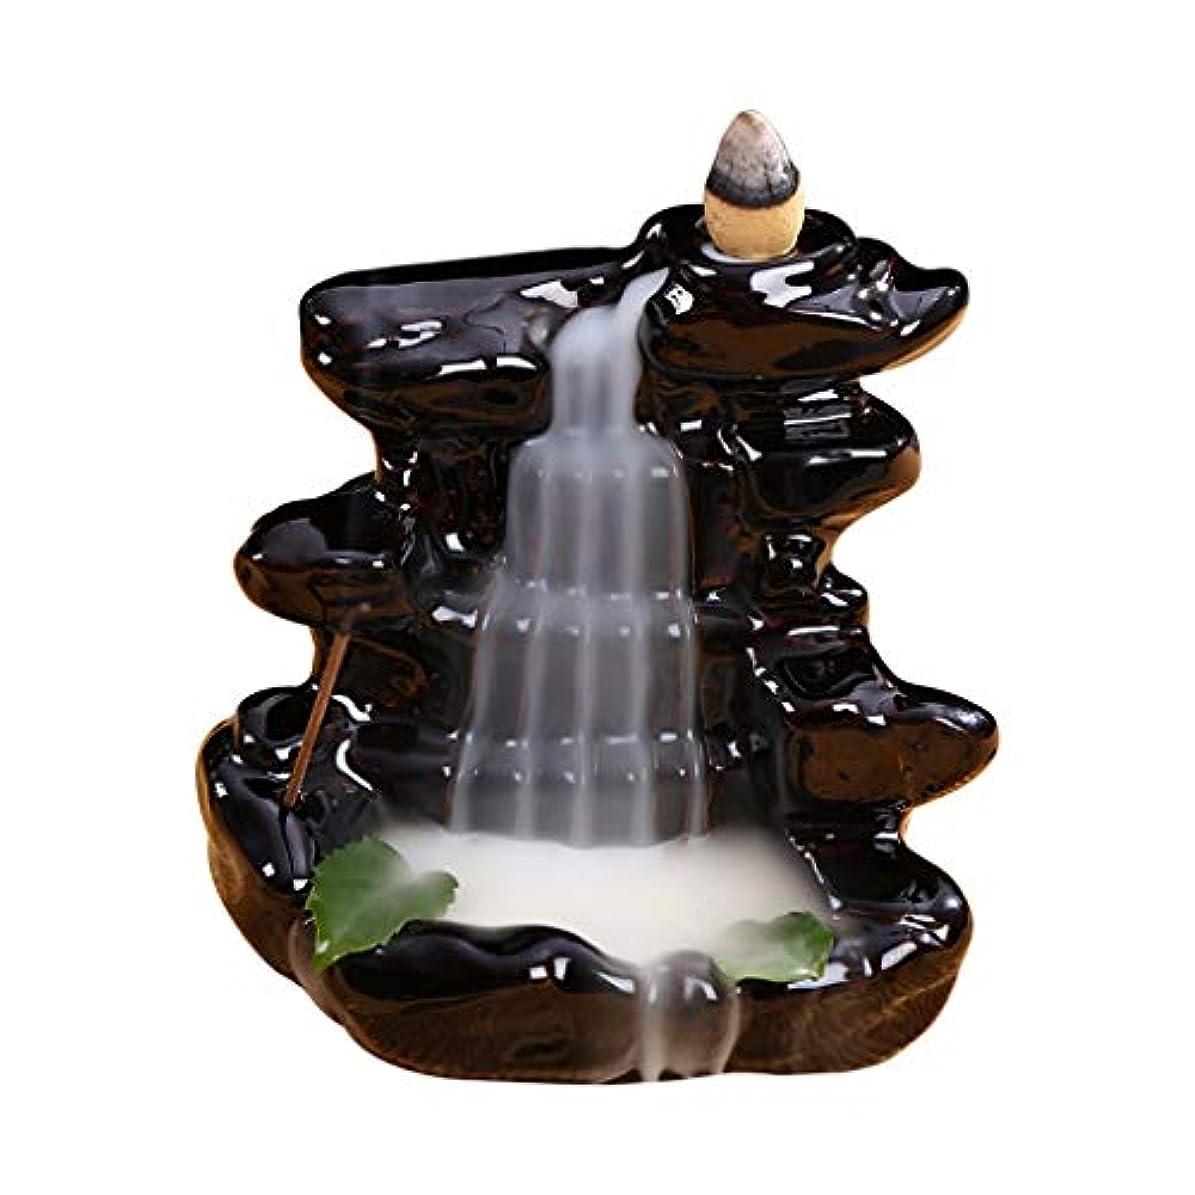 のぞき穴思い出させるサーバ渓流セラミック香炉バックフロー滝香ホルダーホーム香り装飾香スティックコーンバーナーホルダー (Color : Black, サイズ : 4.33*4.44 inches)